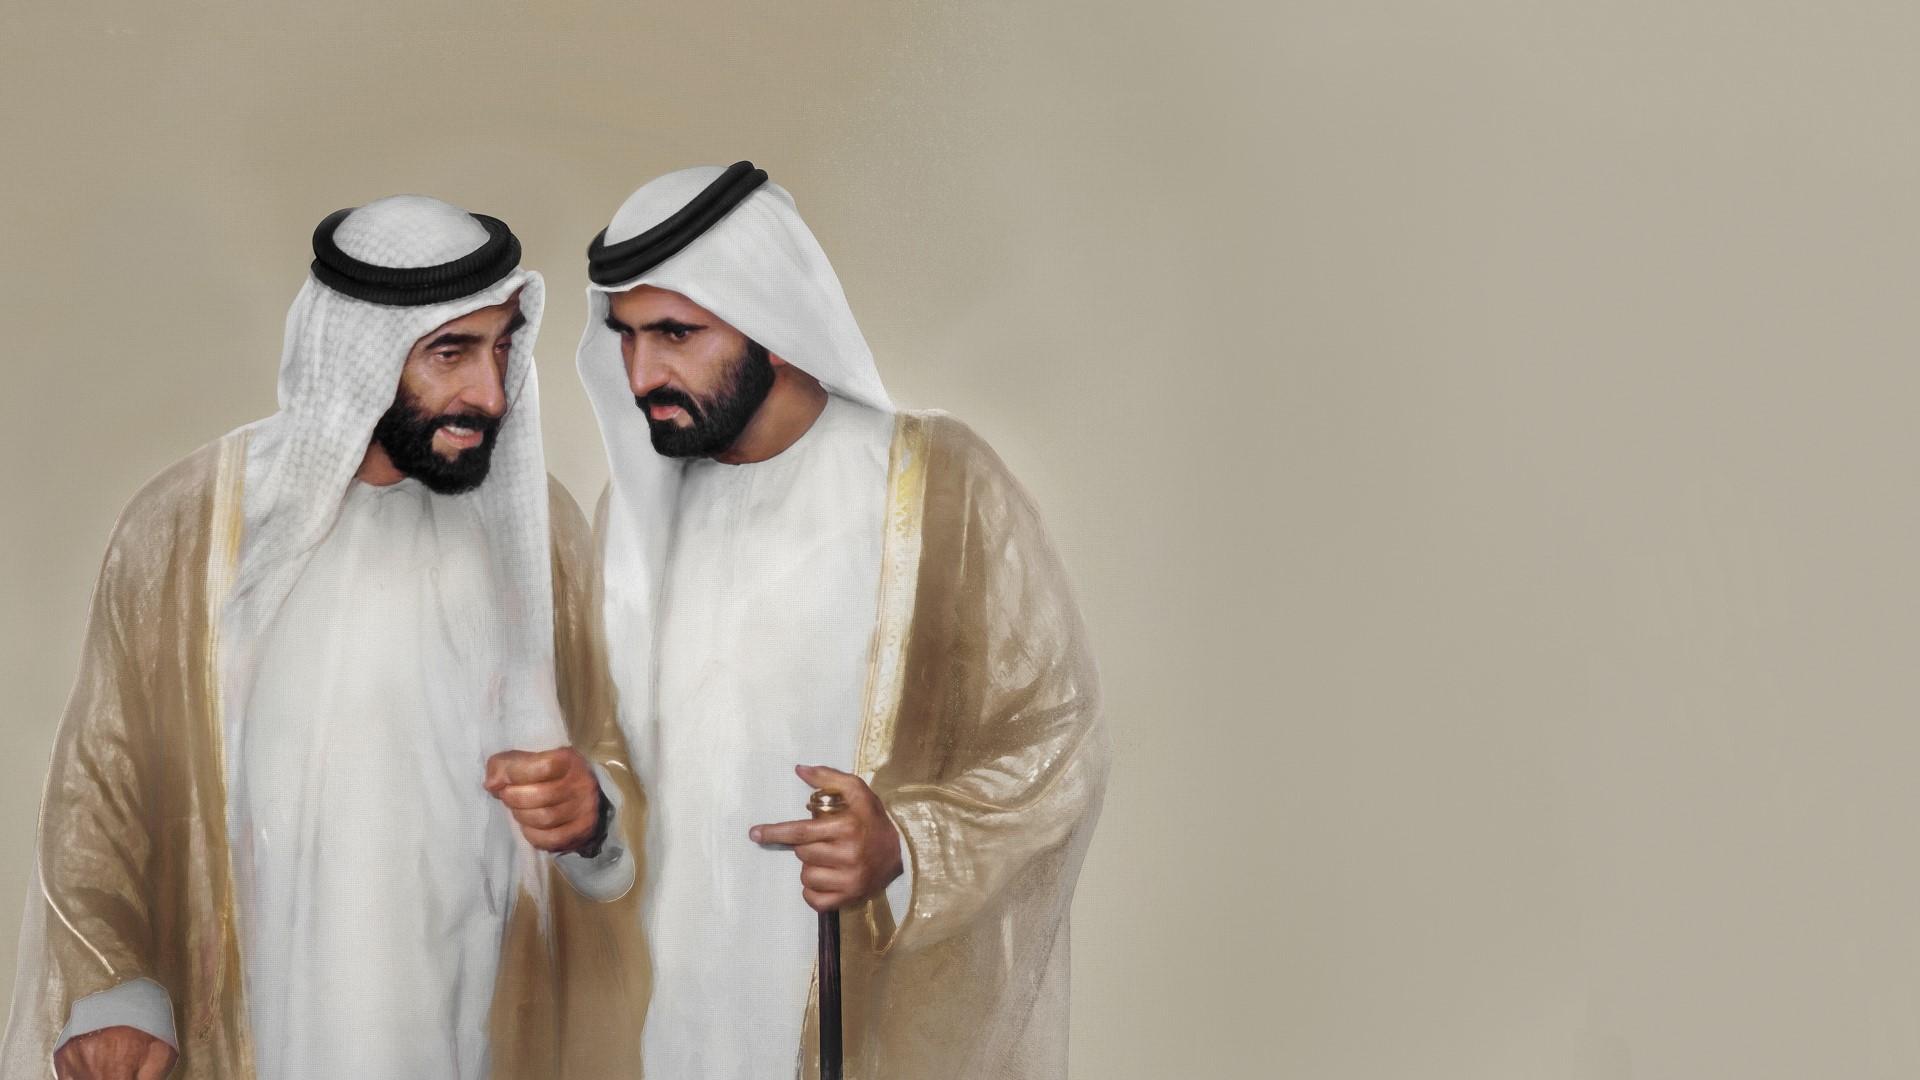 صاحب السمو الشيخ محمد بن راشد آل مكتوم - محمد بن راشد.. يكتب بمداد القلب قصيدة حب وفخر بزايد